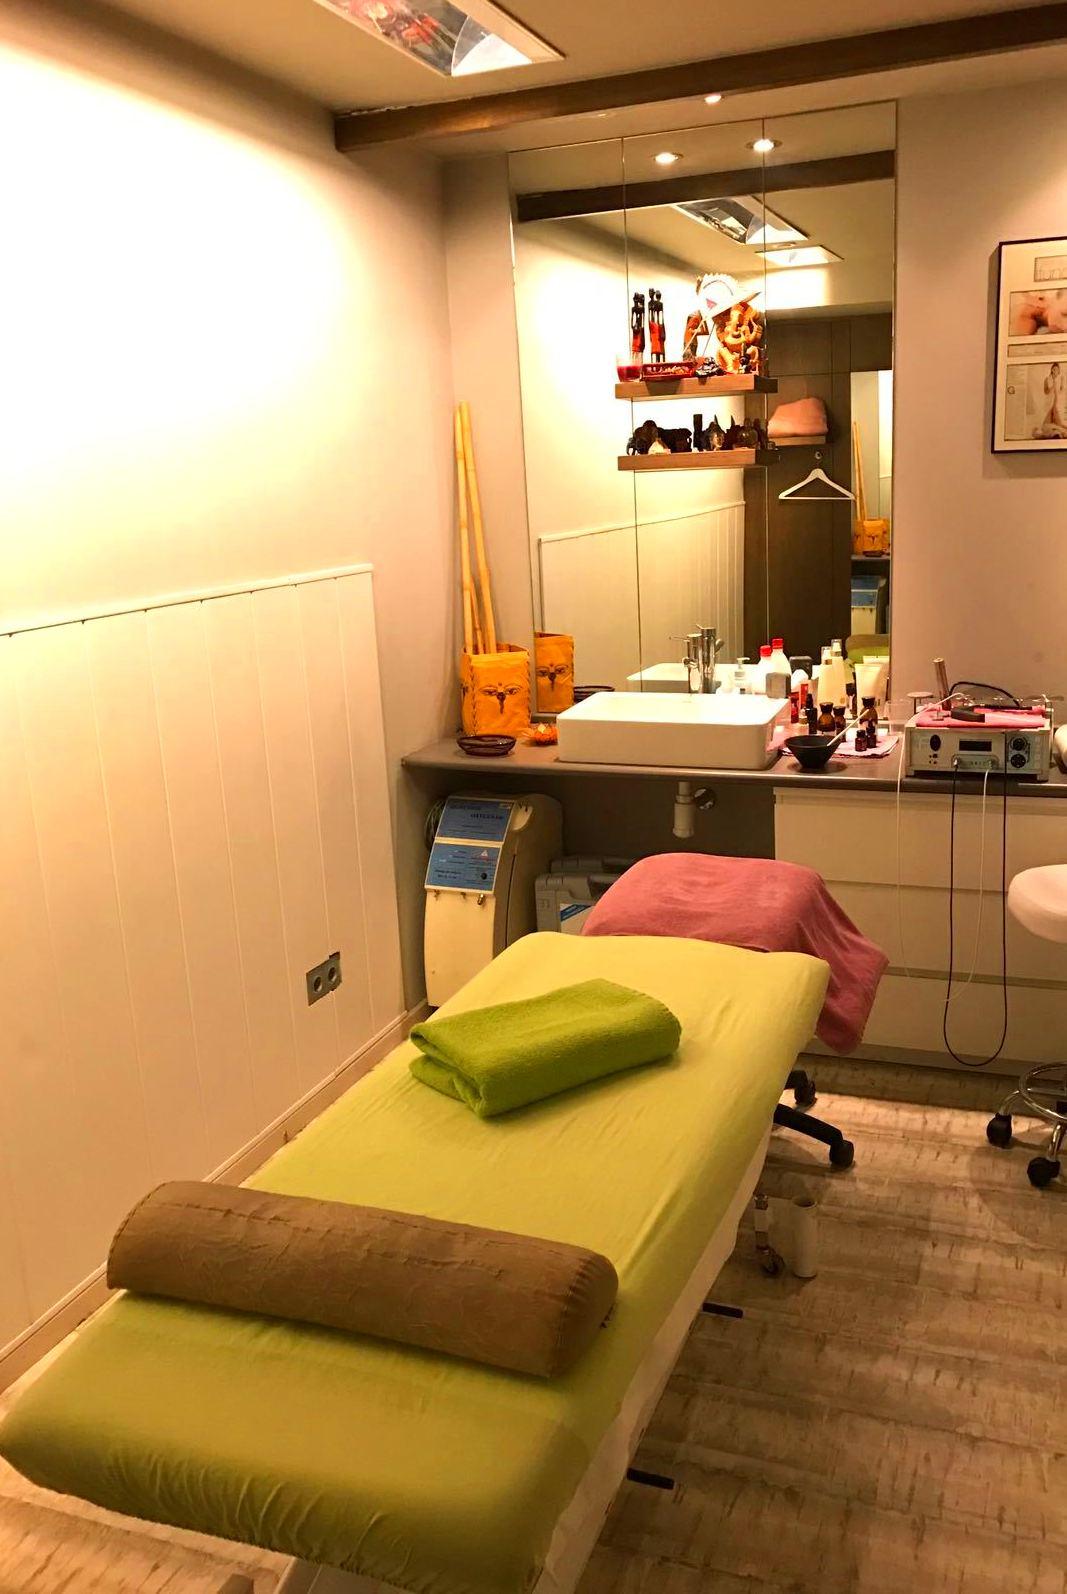 Foto 17 de Efectivos tratamientos de fisioterapia en Madrid | Clínica Fisiopinar